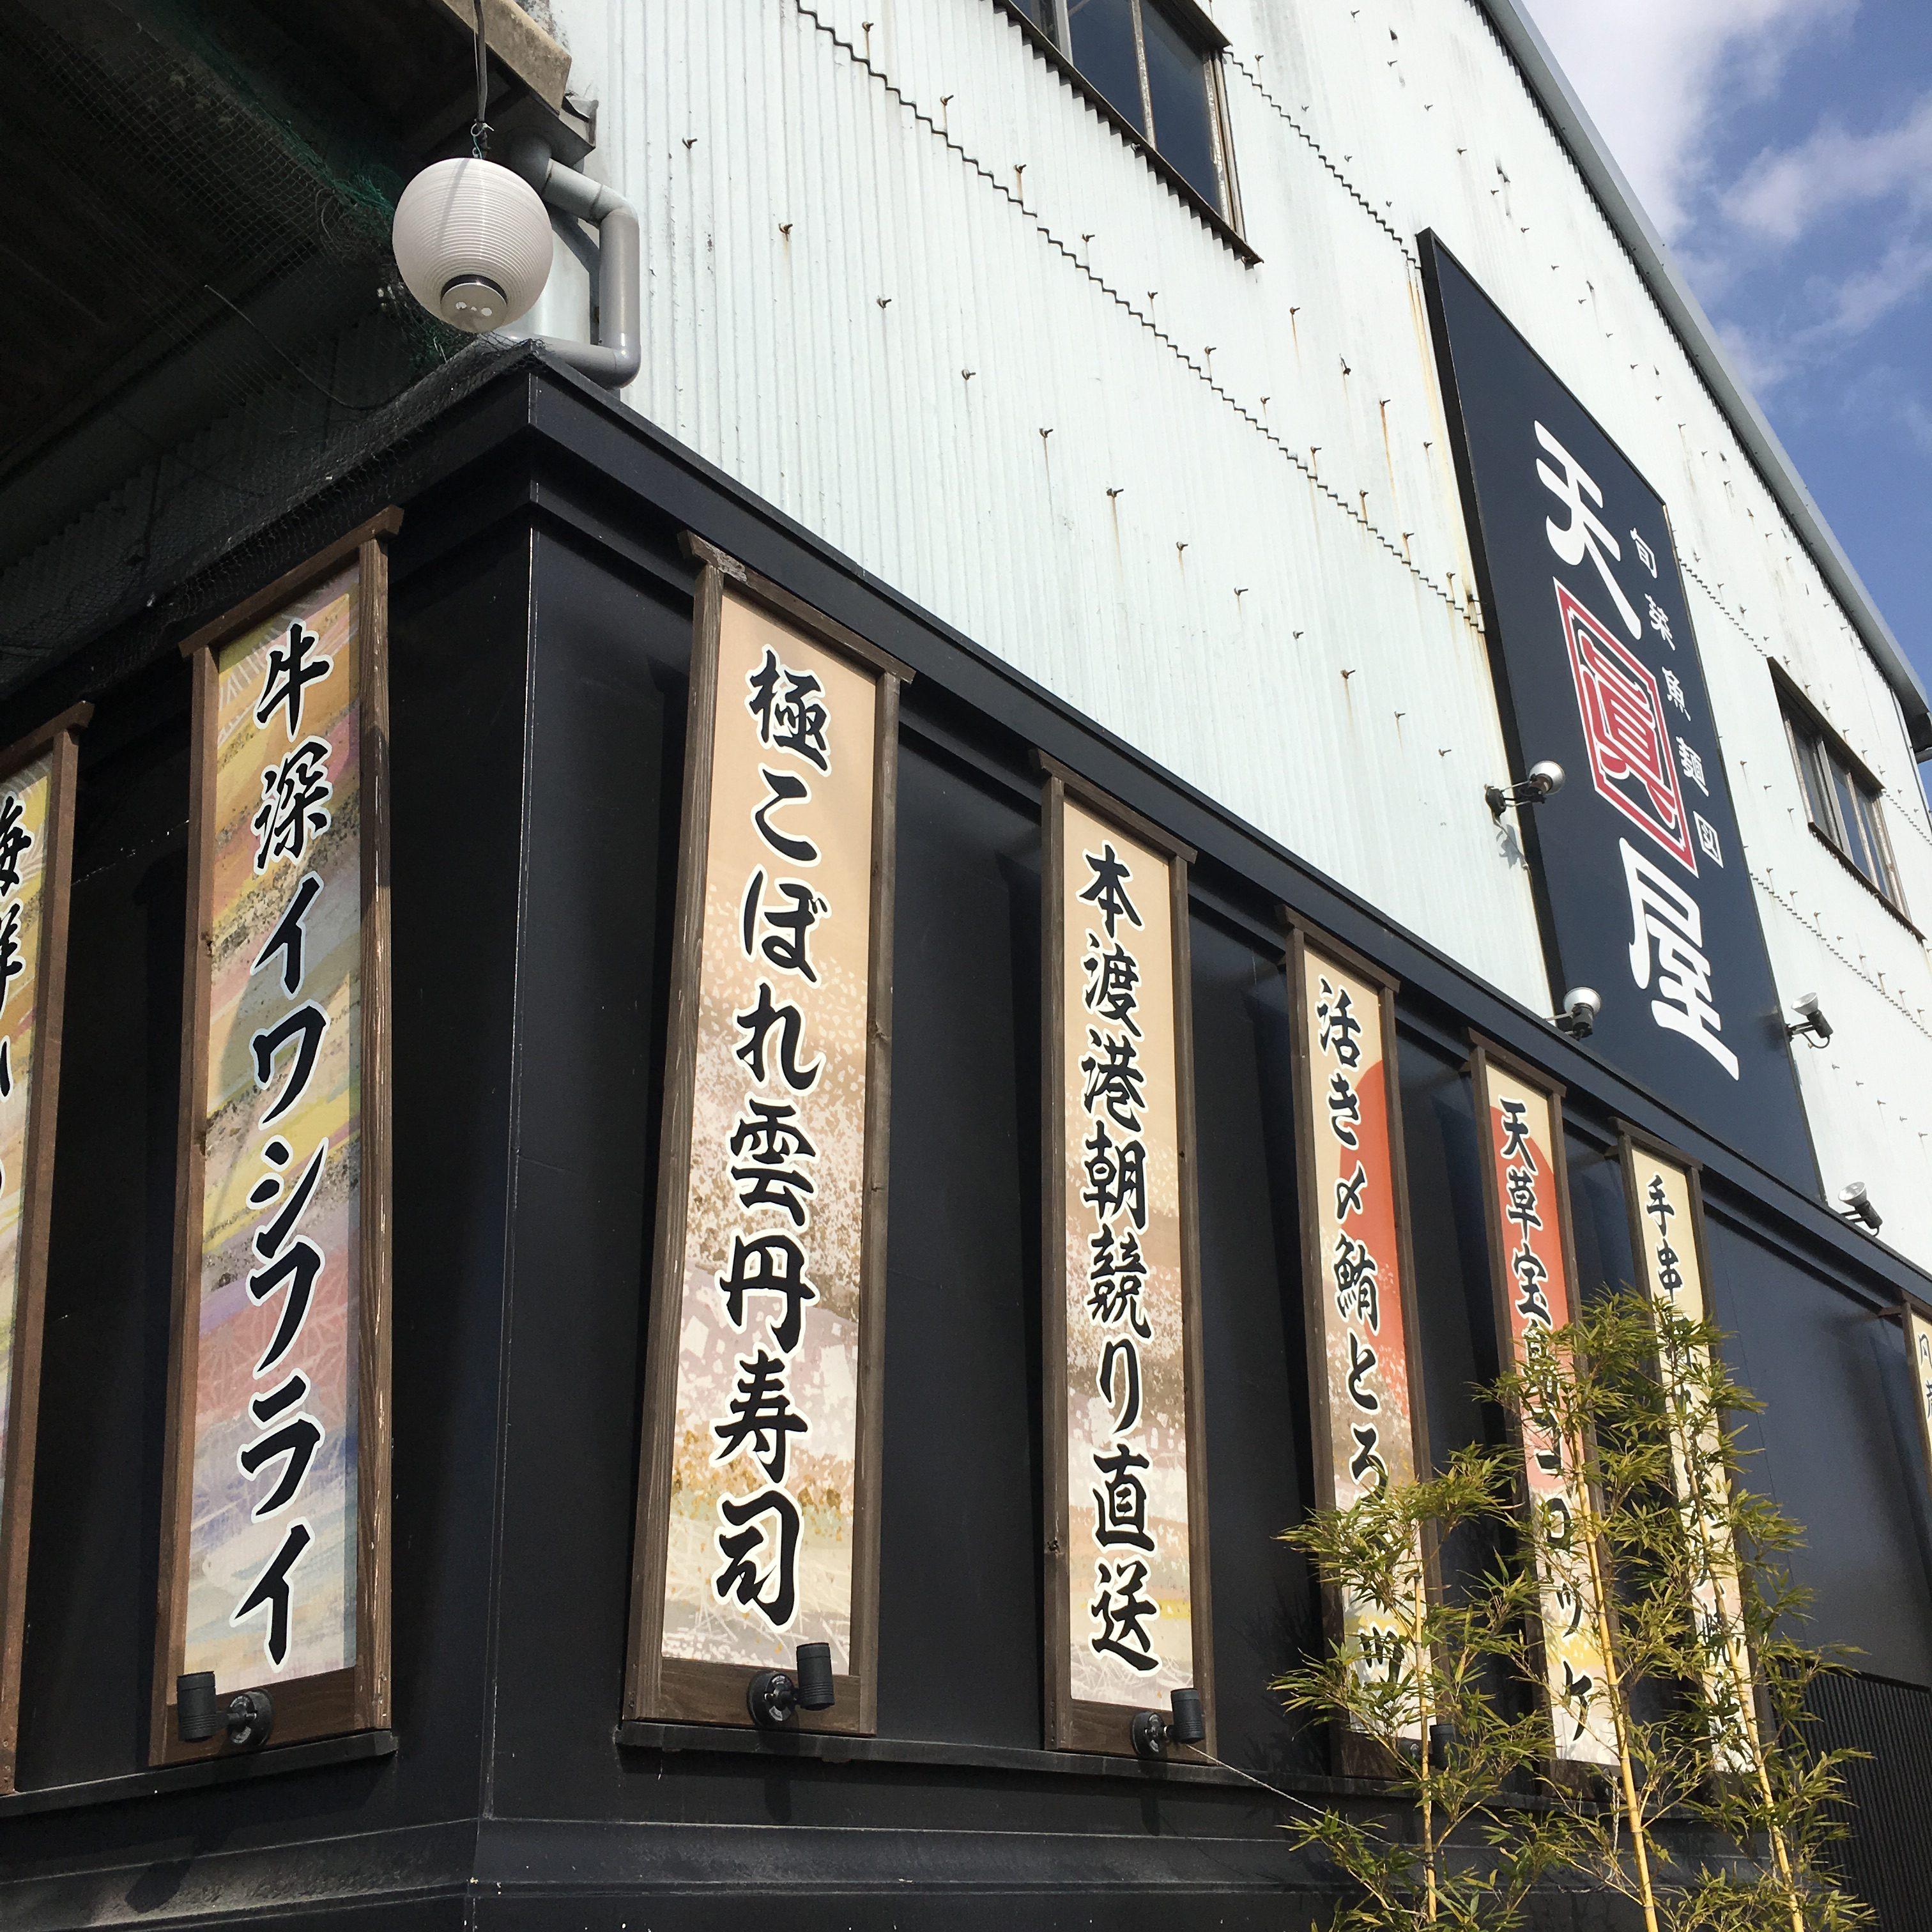 【天眞屋】熊本田迎で海鮮ランチ!毎月10日は500円で超お得!